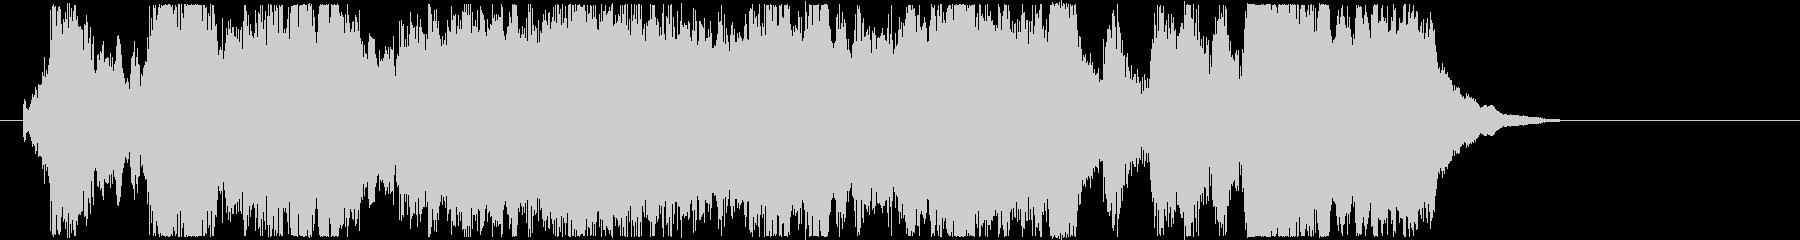 CM15秒 先進希望未来 オーケストラの未再生の波形